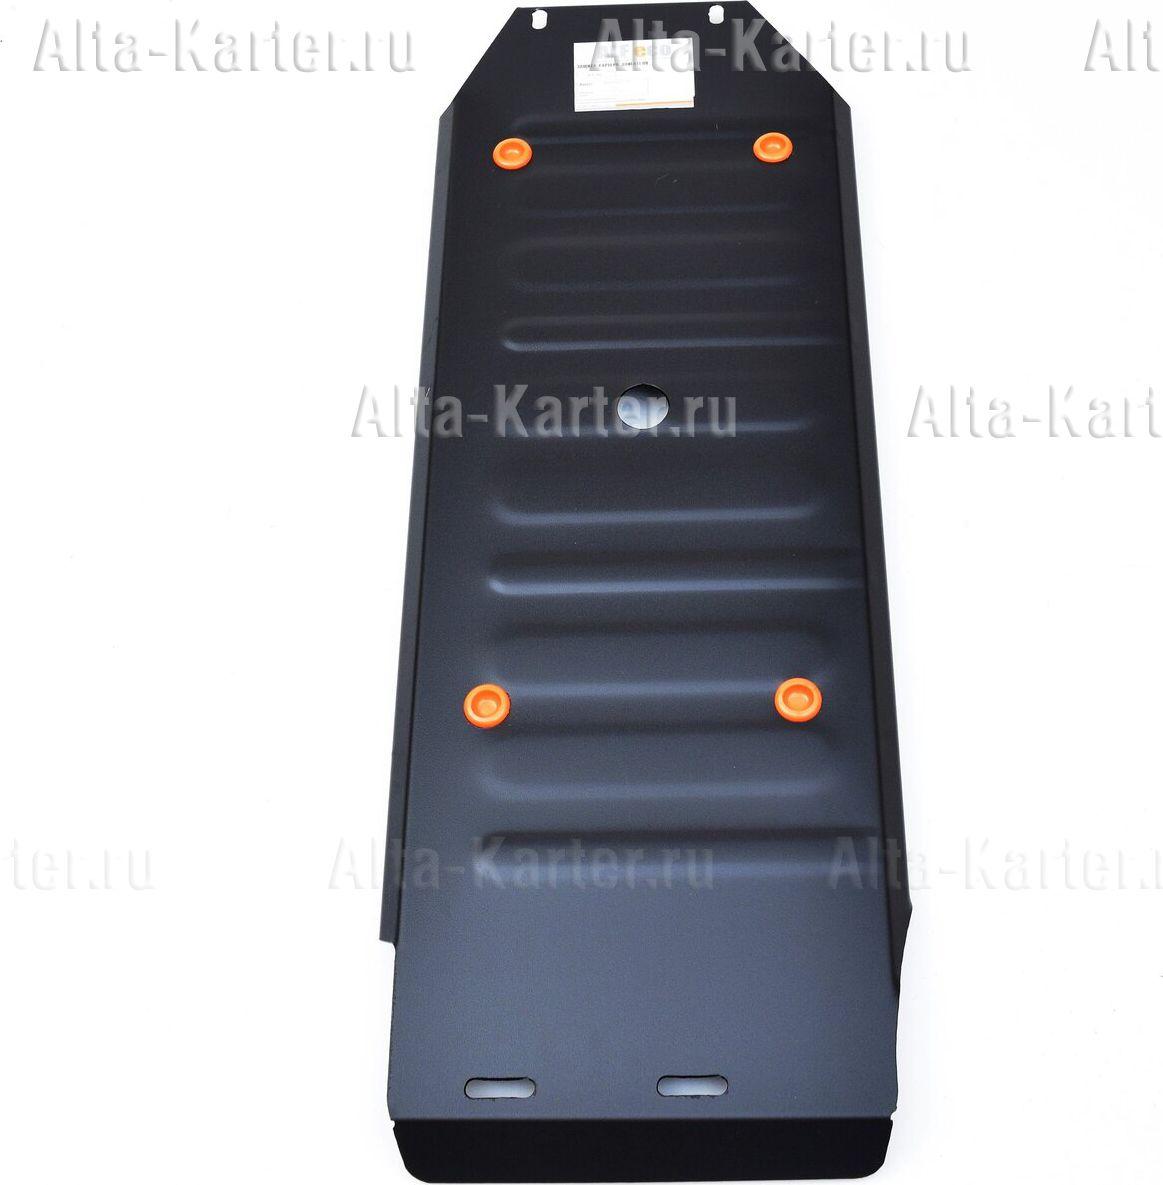 Защита Alfeco для топливного бака Mitsubishi L200 V 2015-2021. Артикул ALF.14.46